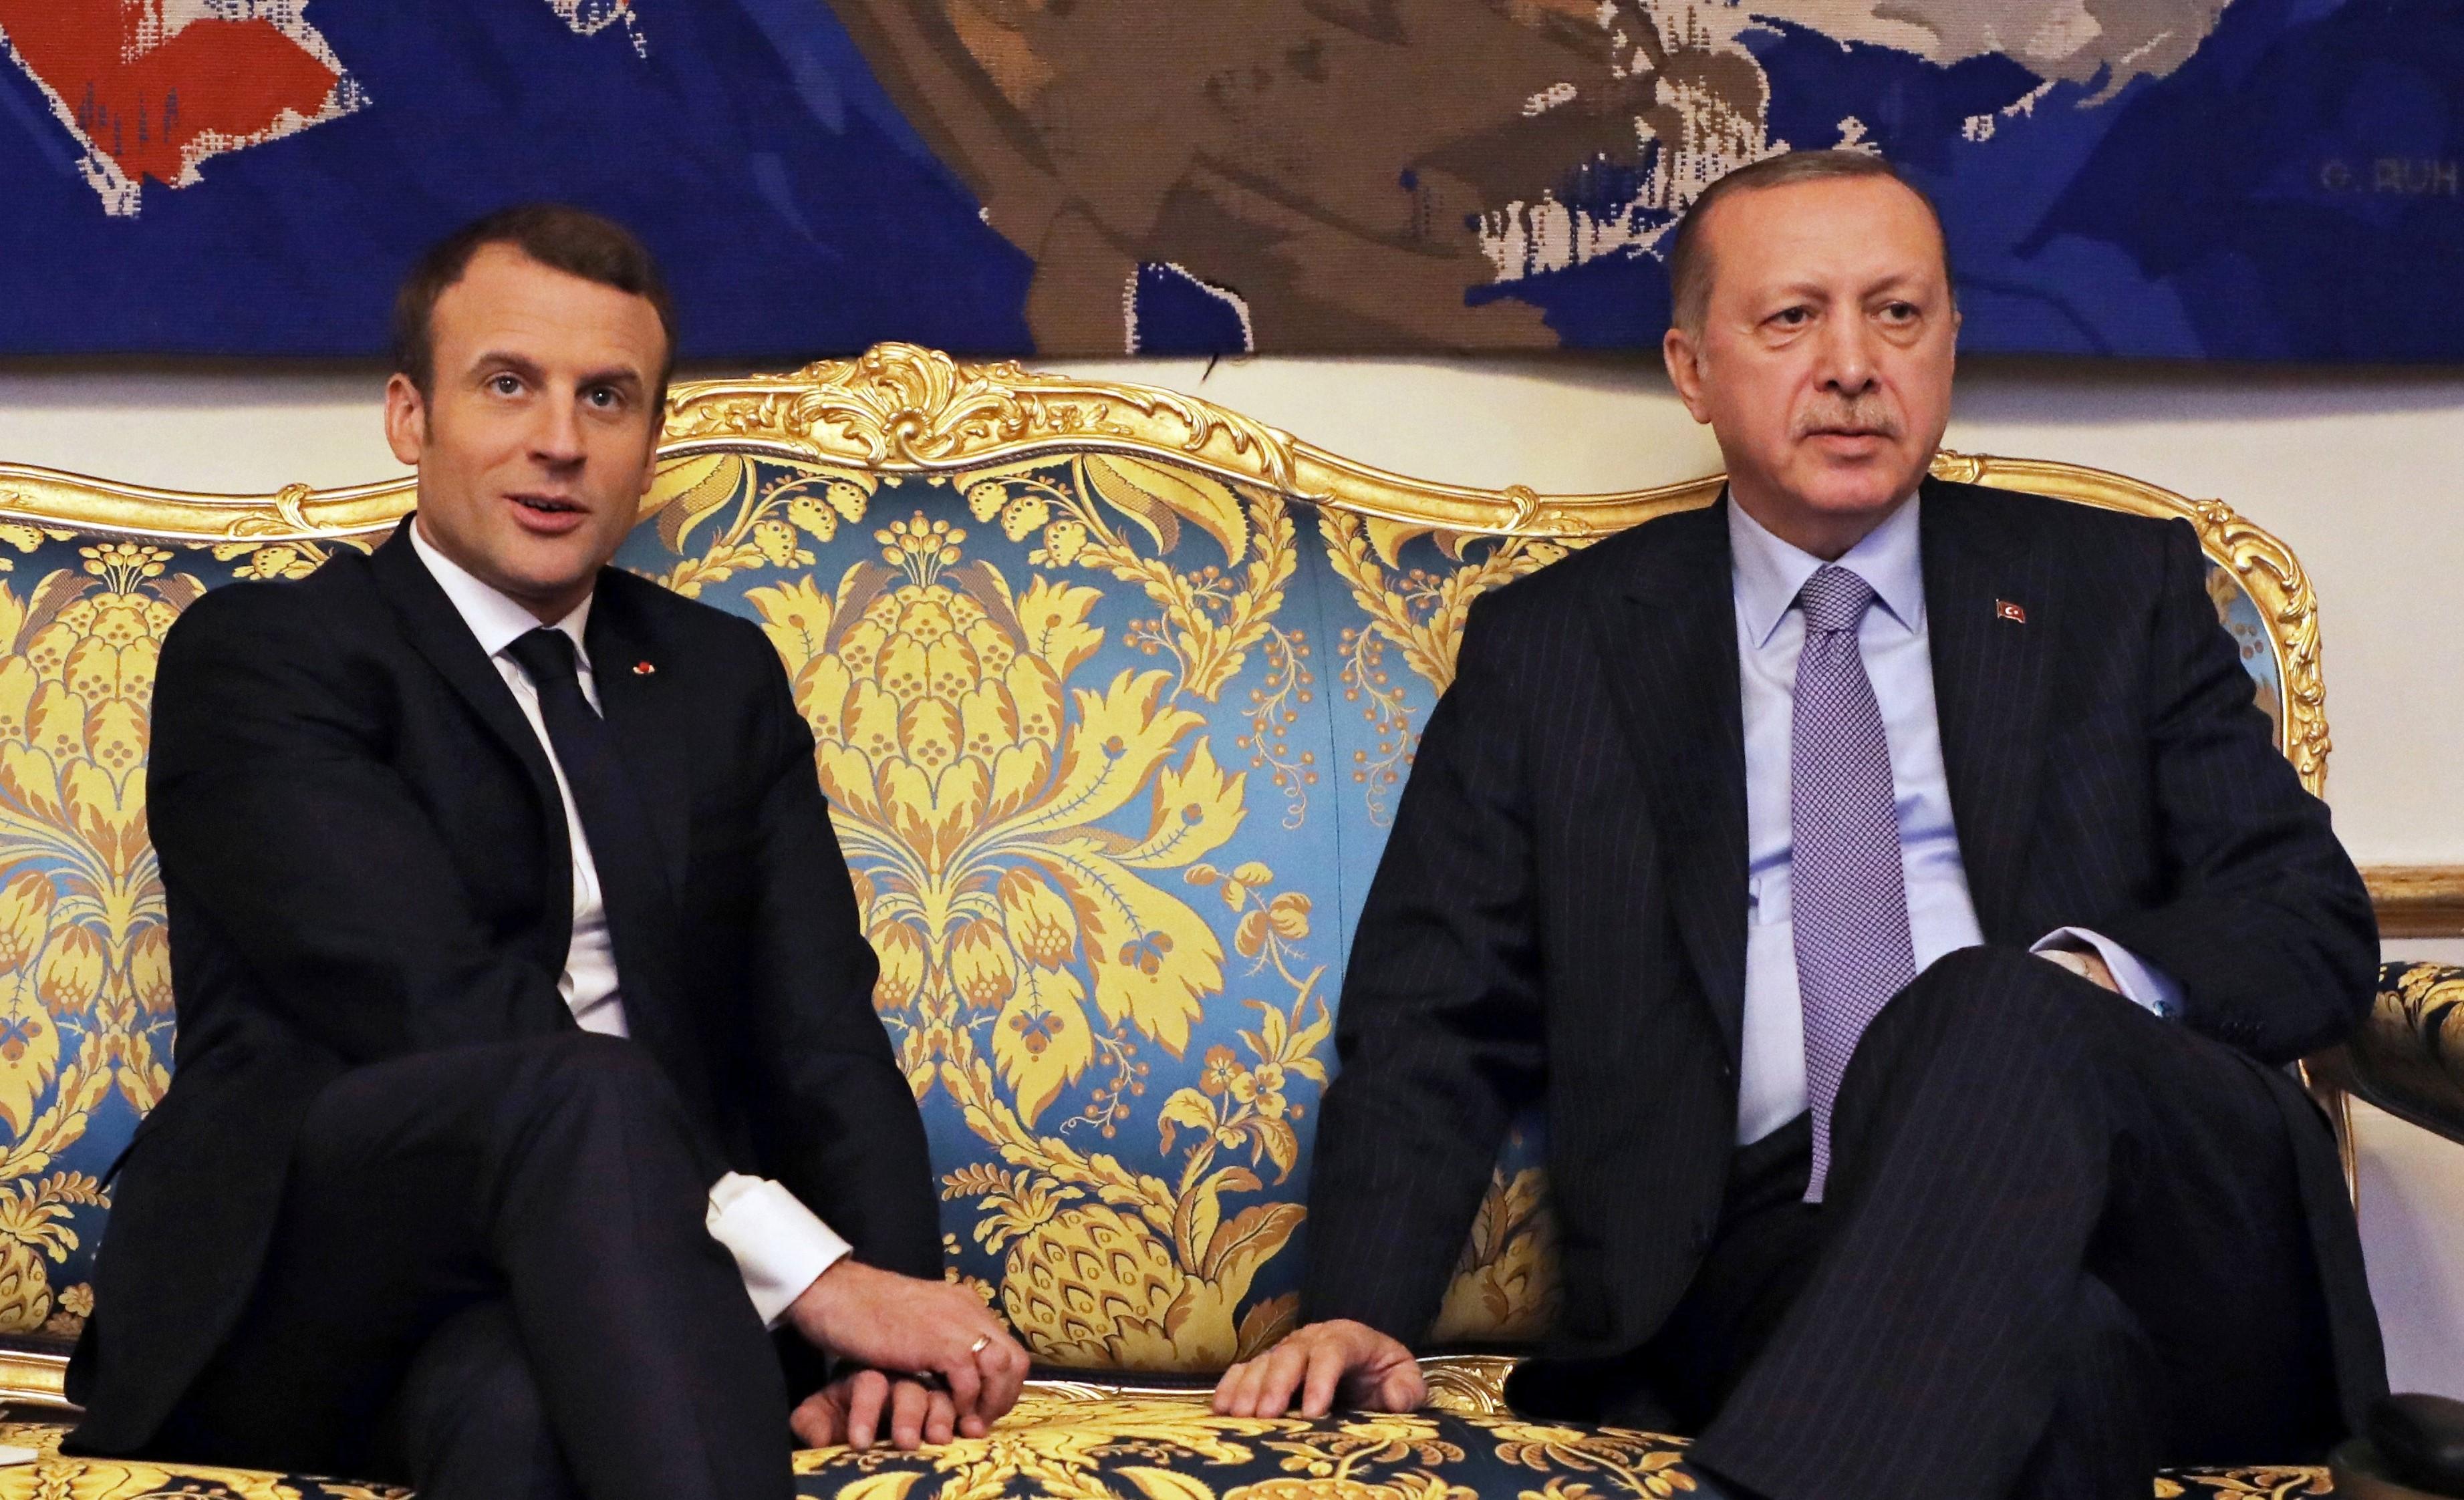 Vojni ugovor, ljuska prava i članstvo u EU u središtu razgovora Erdogana i Macrona